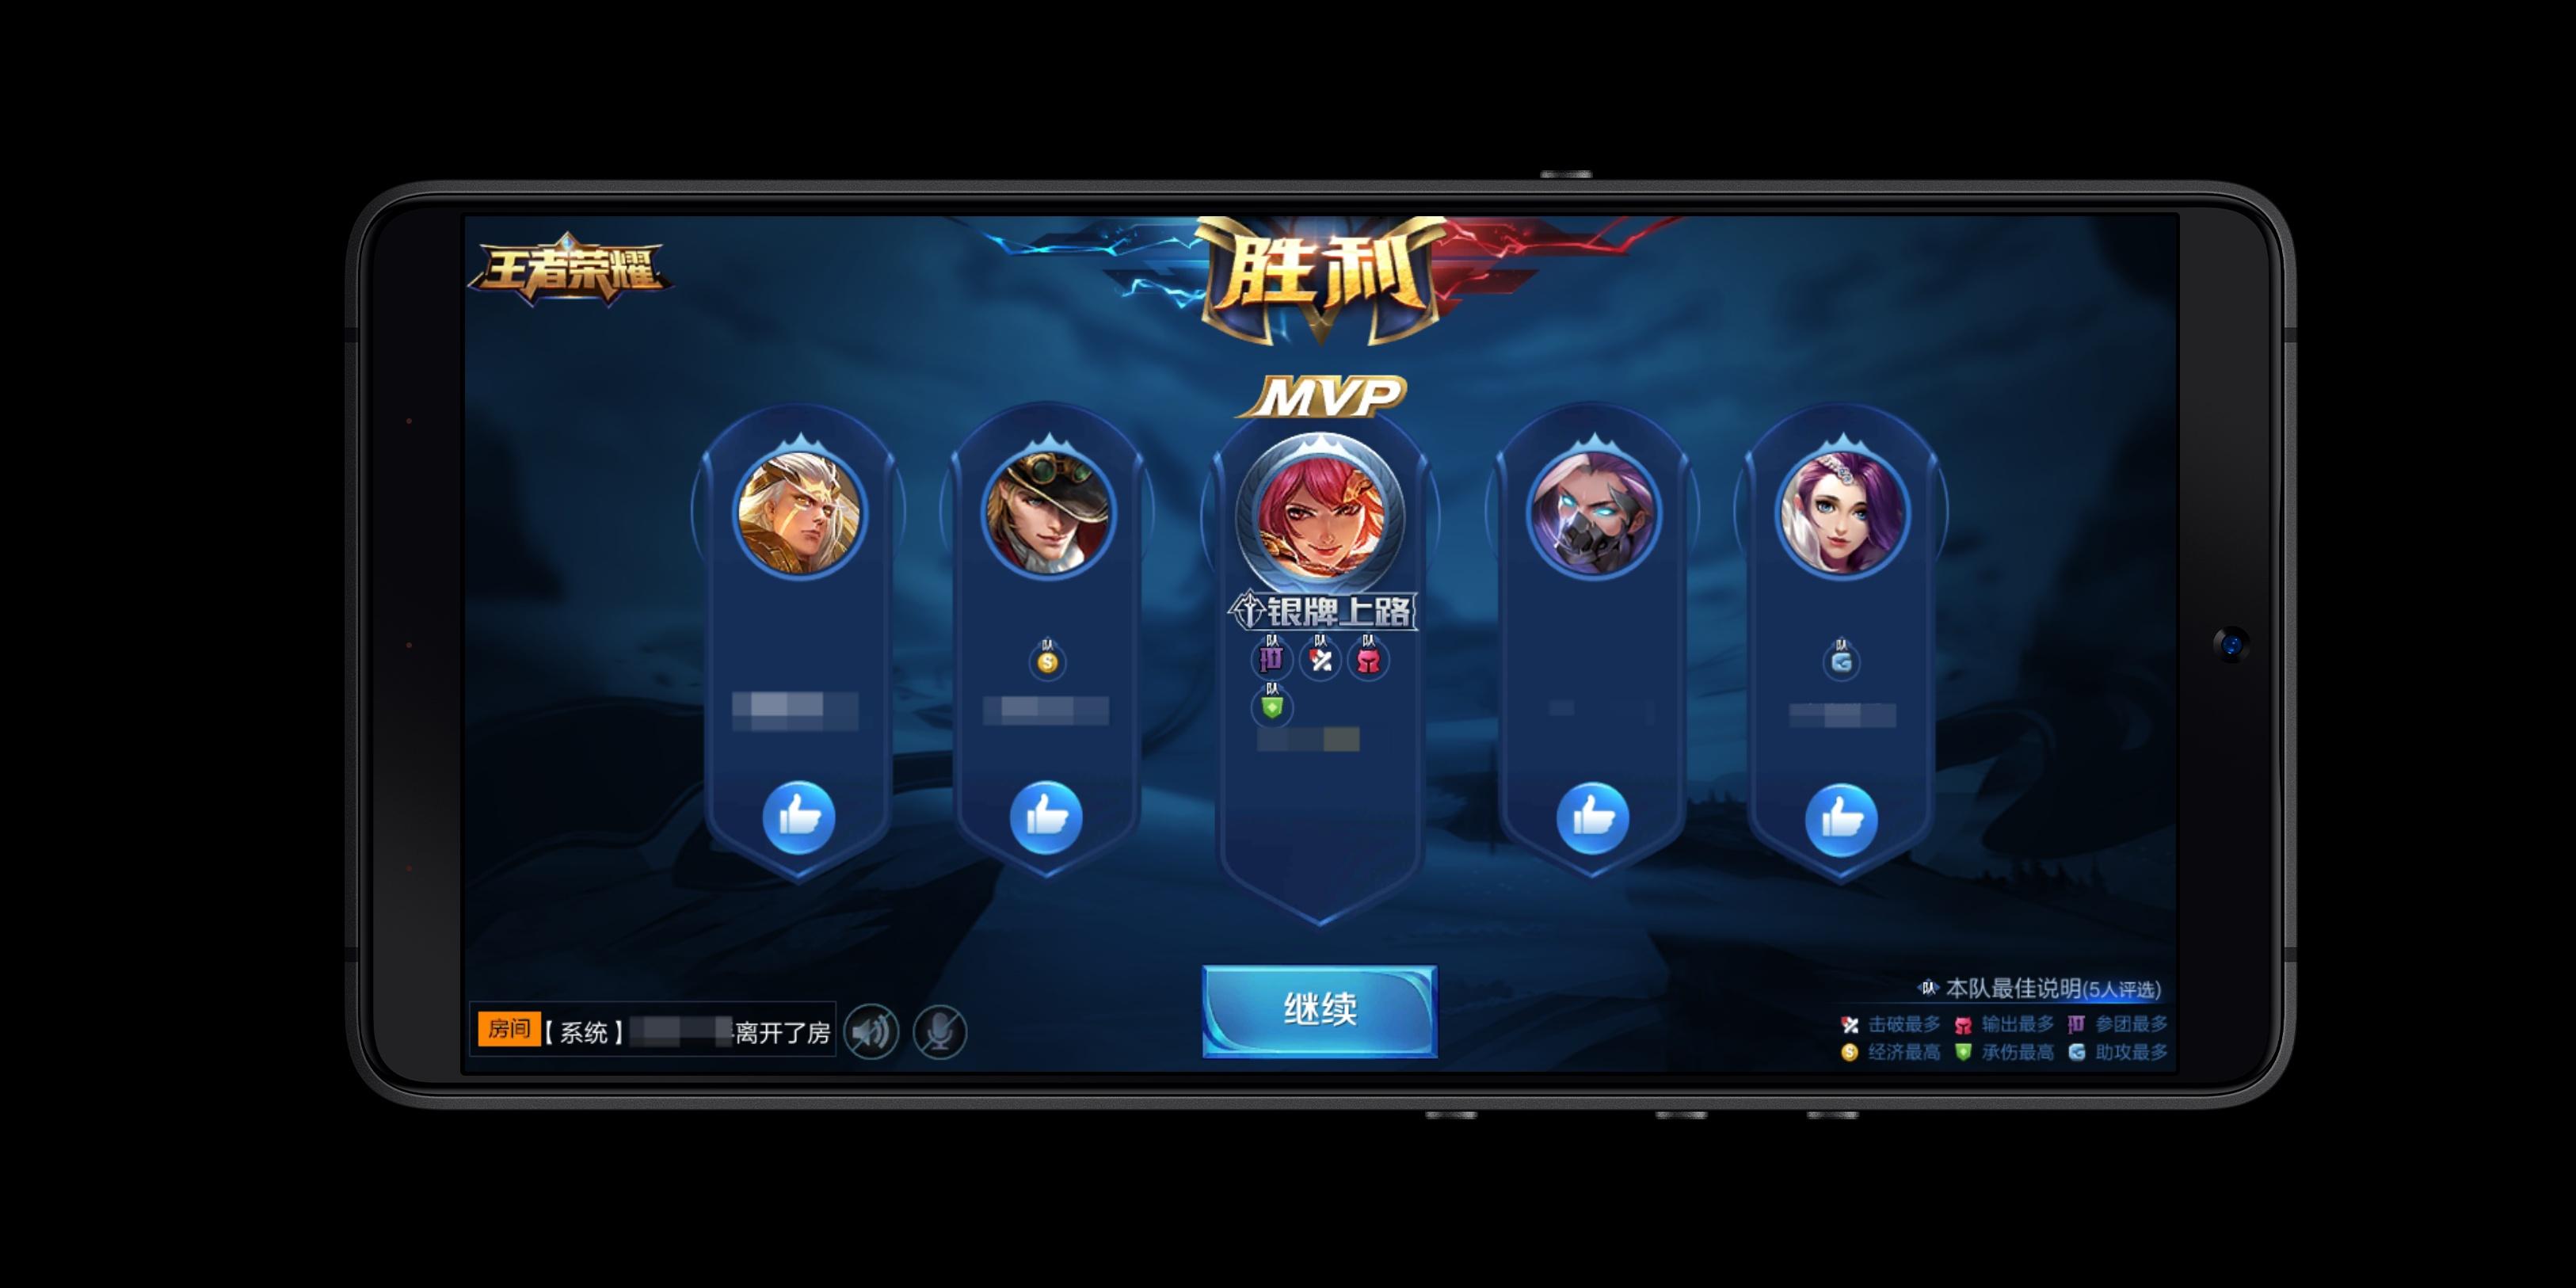 涂鸦_Screenshot_2018-09-10-17-36-14-896_王者荣耀.jpg